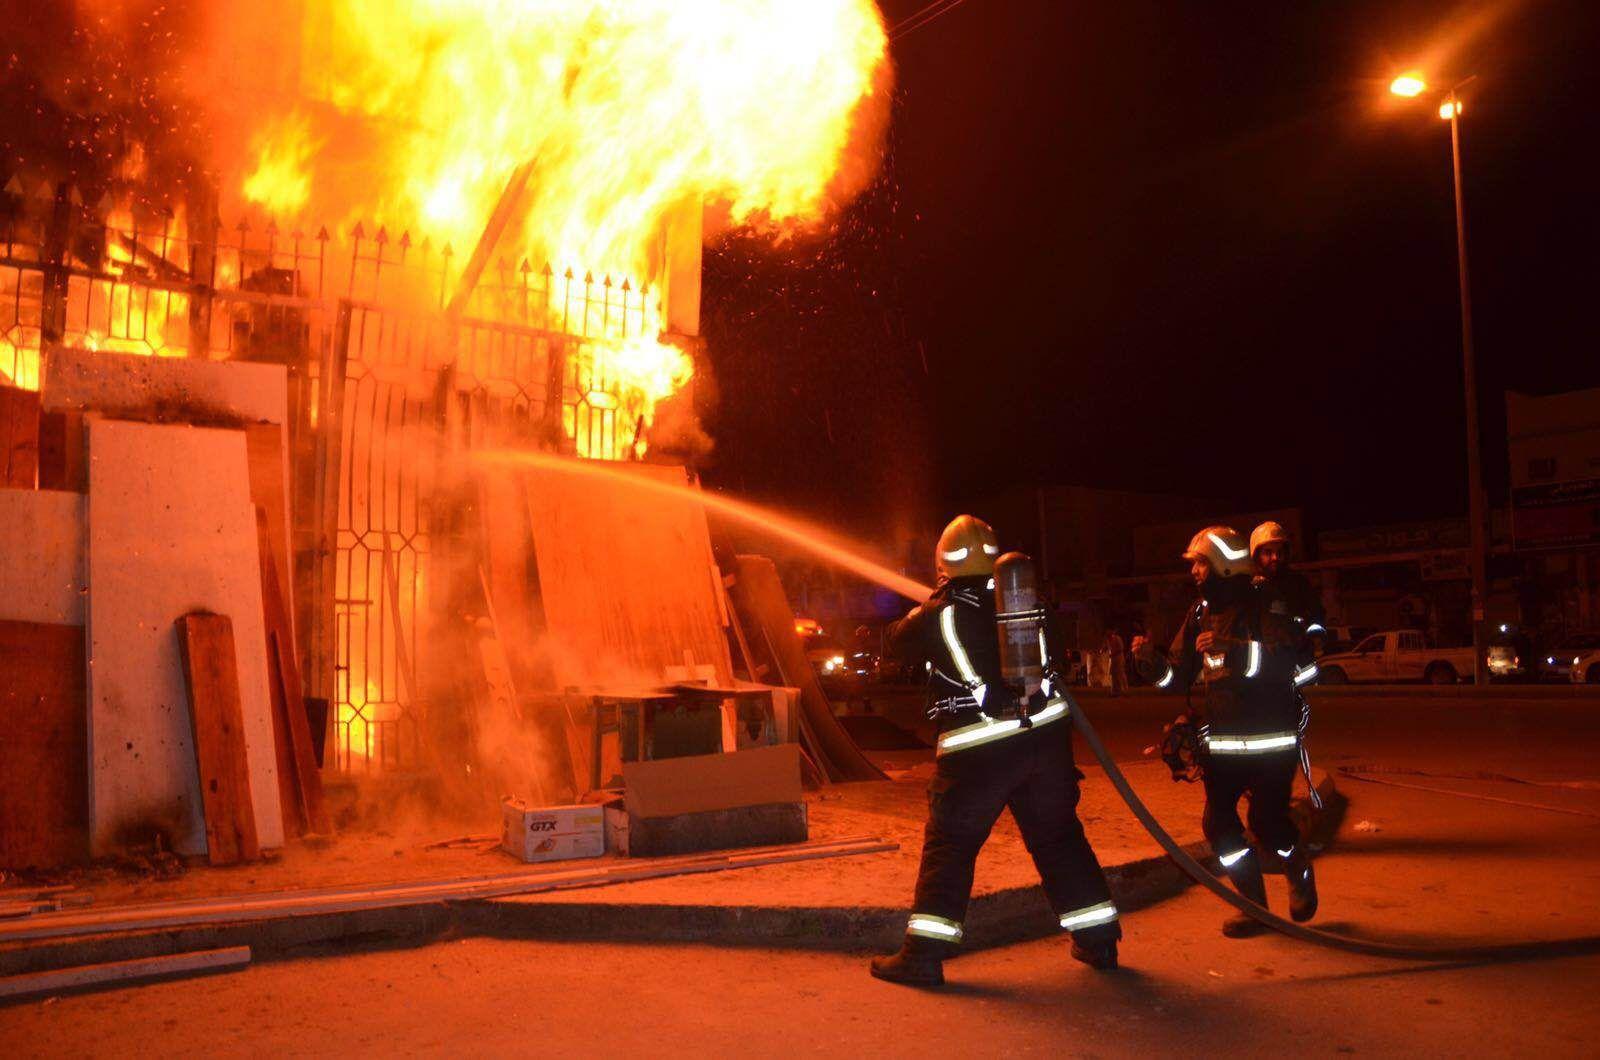 حريق بمخزن للسيراميك بالزقازيق